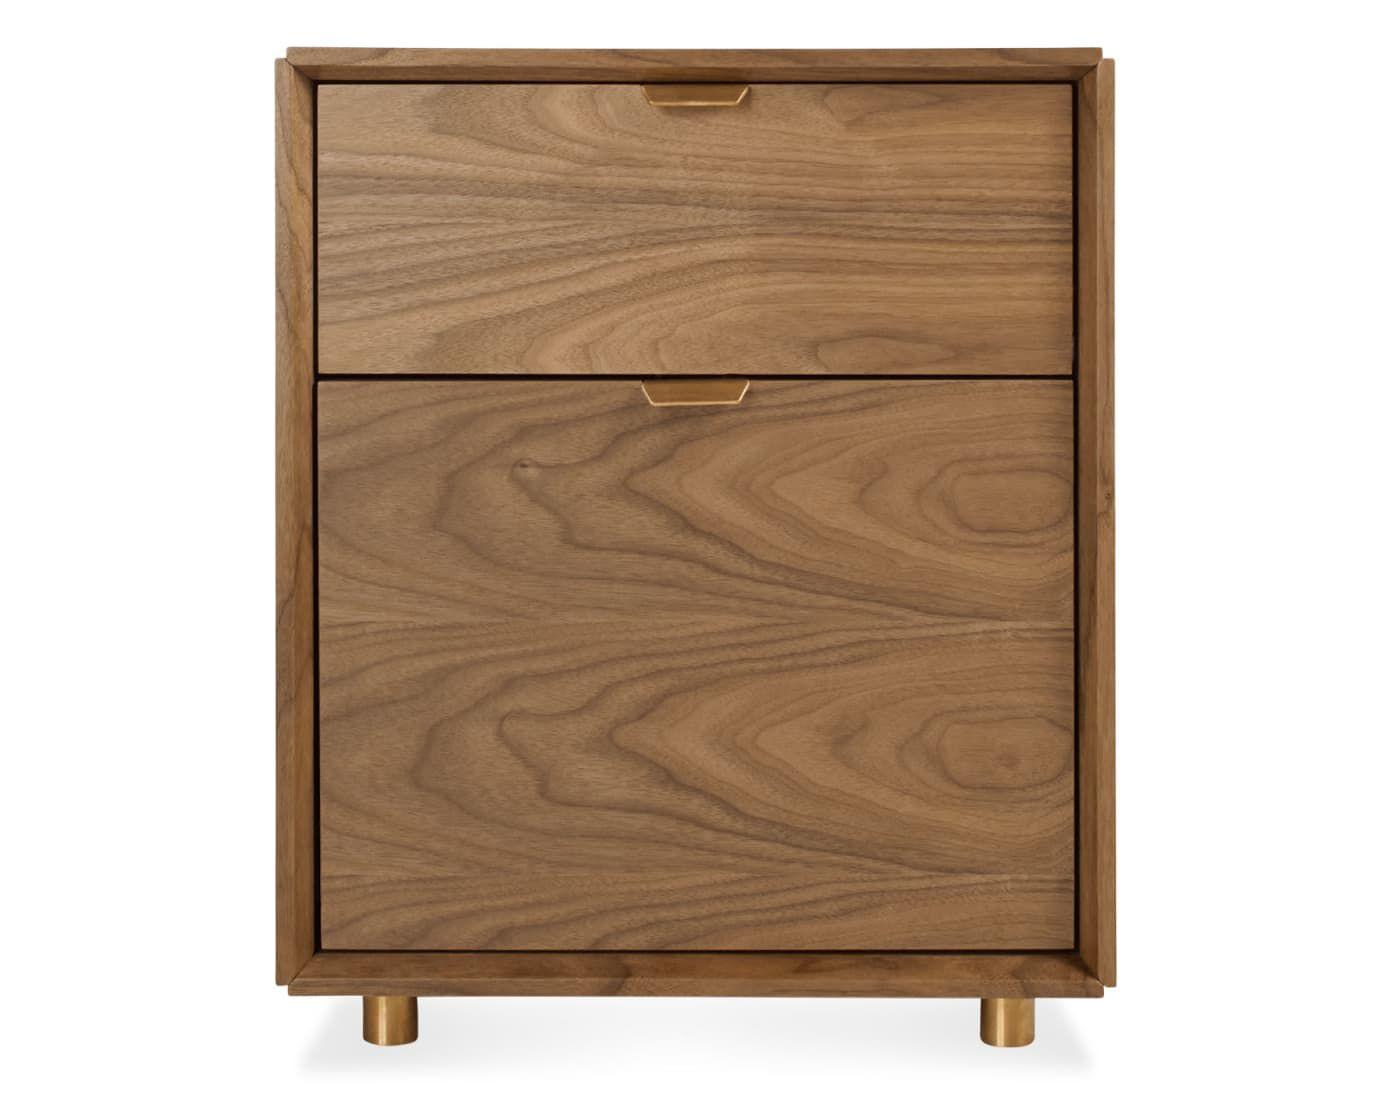 Blu Dot Dang Two-Drawer File Cabinet